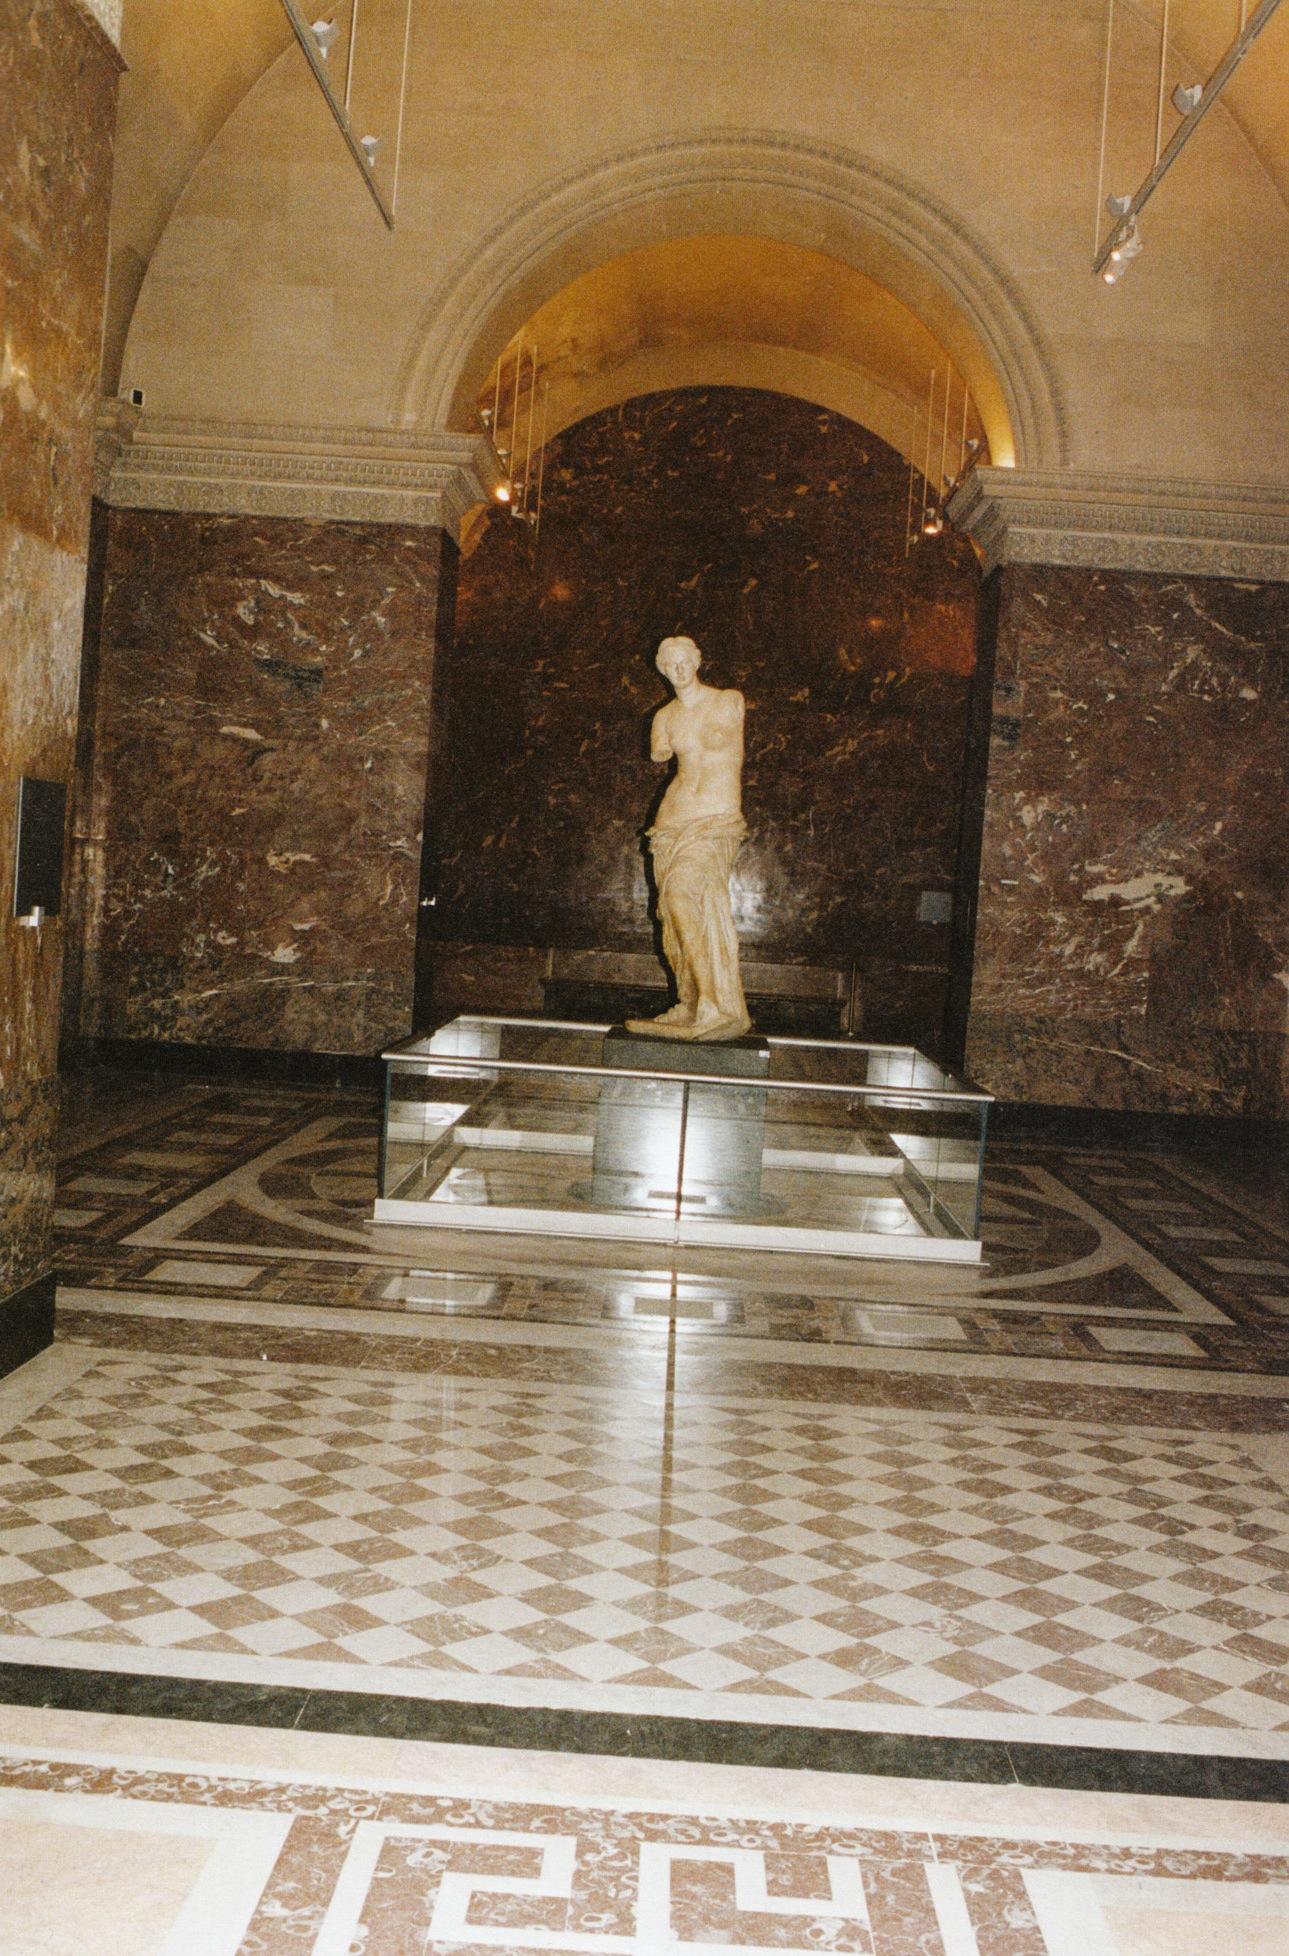 Raquel_Zimmermann-Charlotte_Rampling-Juergen_Teller-Louvre-06.jpeg